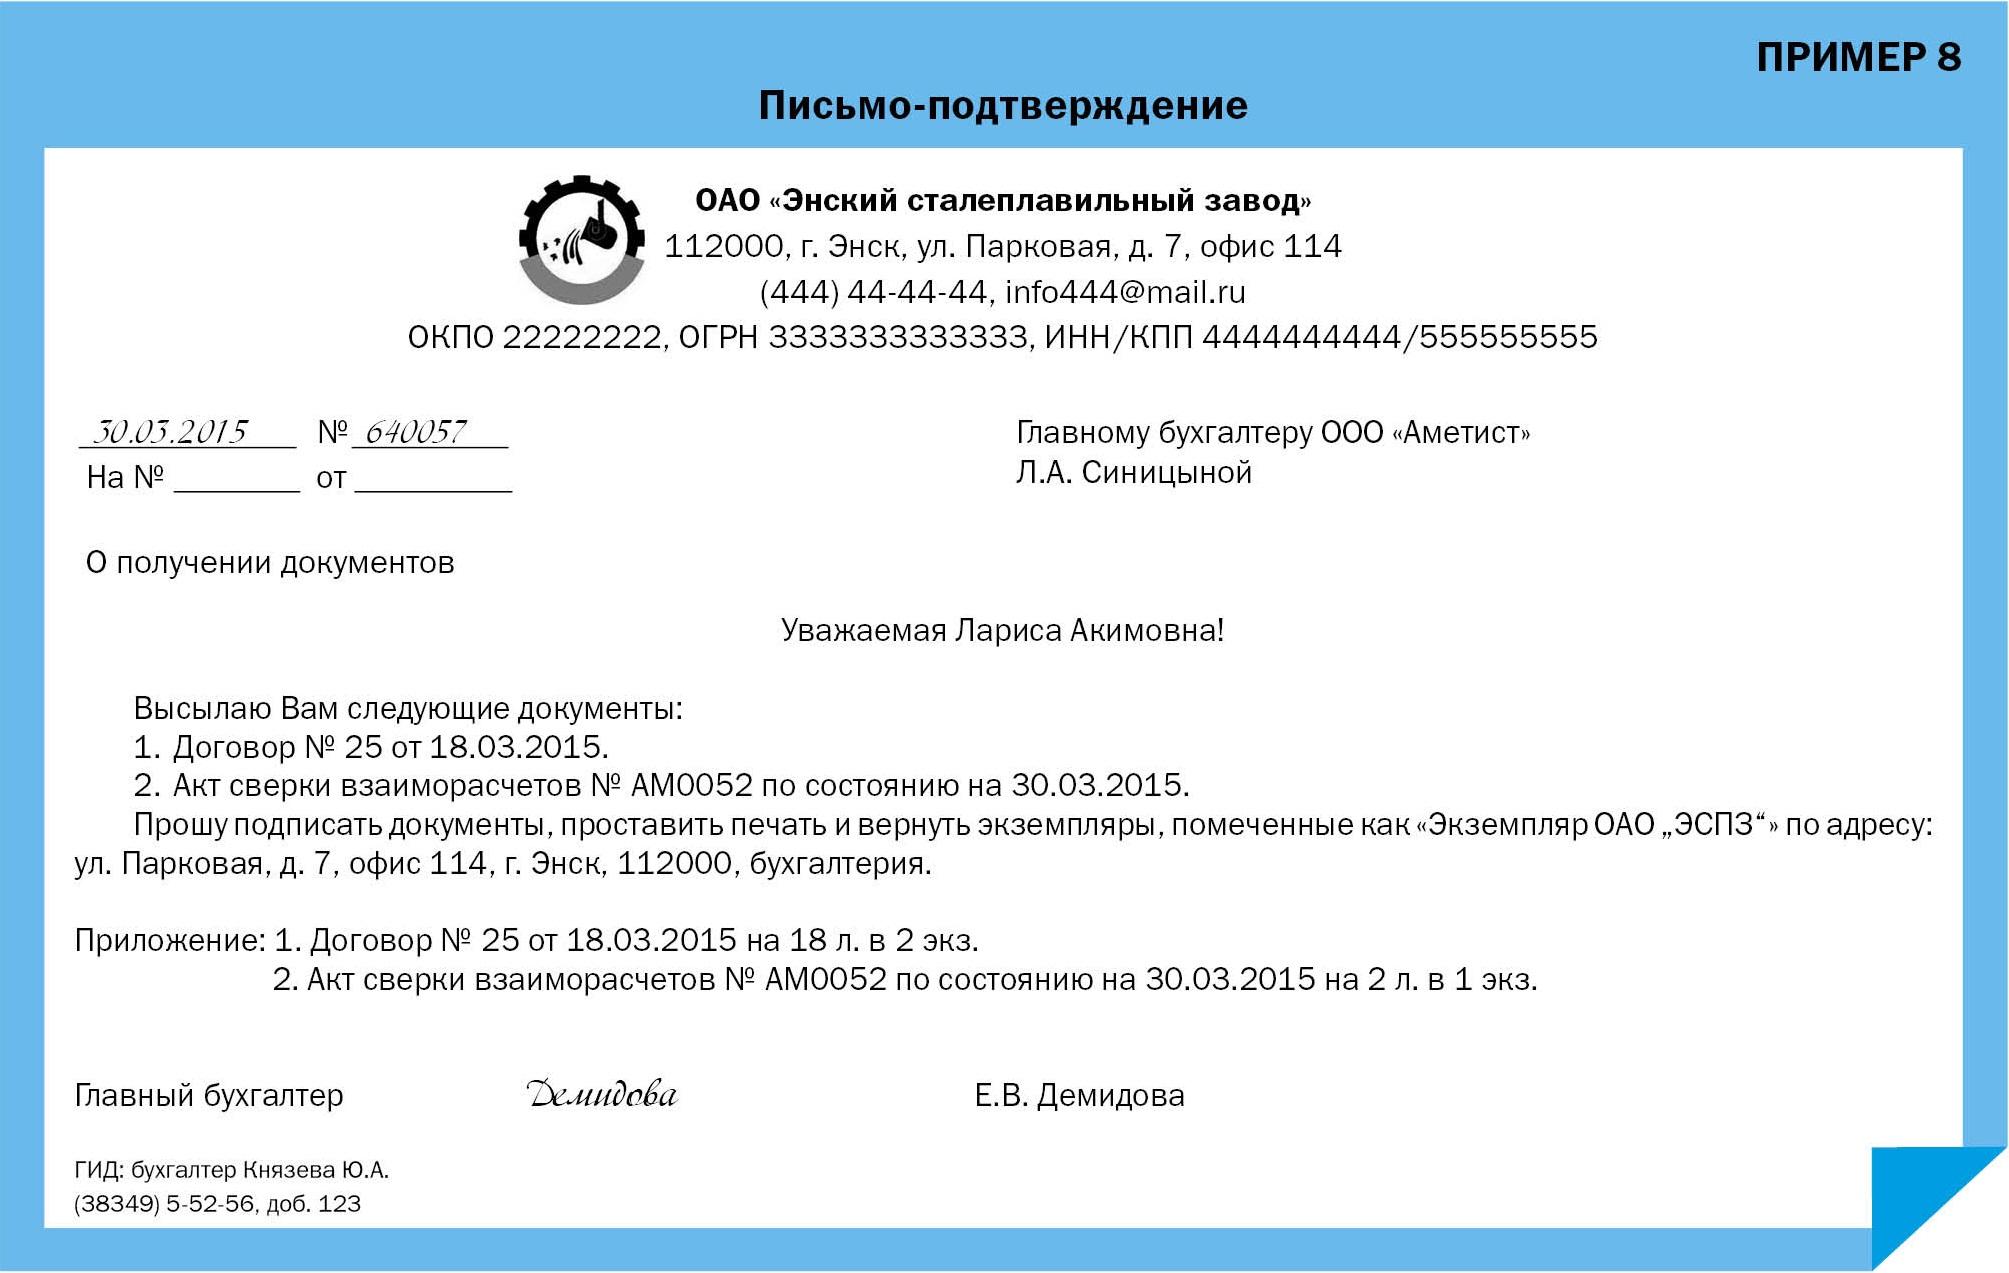 письмо уведомление о смене юридического адреса бланк